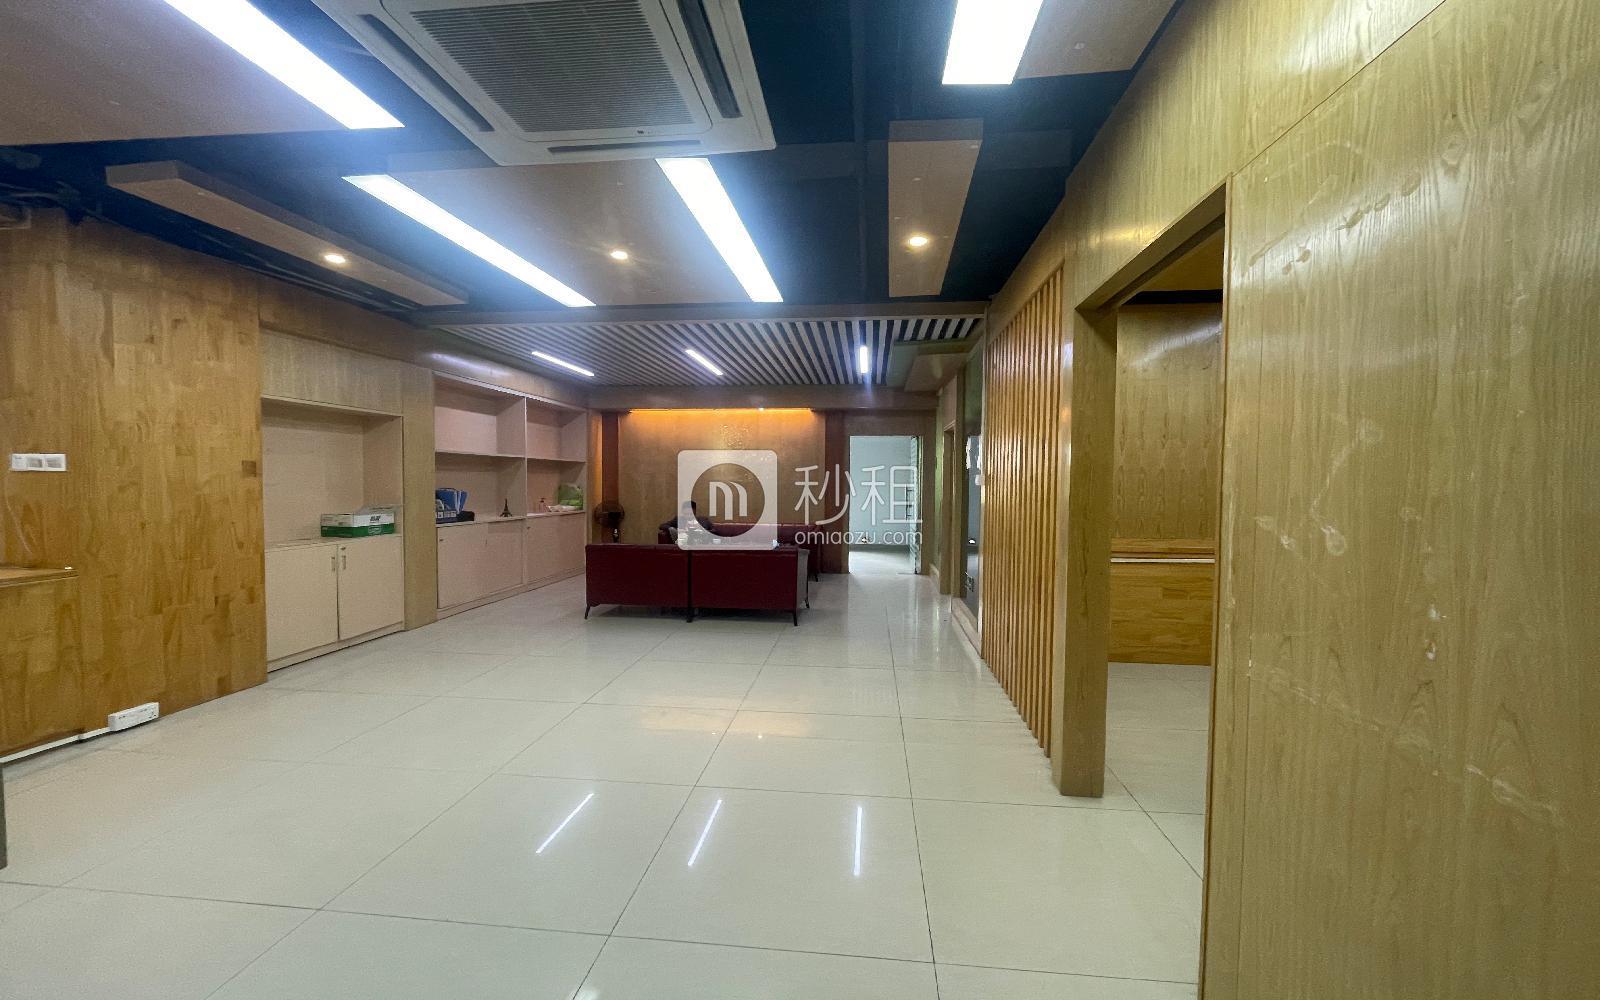 龙华-民治 嘉熙业广场 207m²